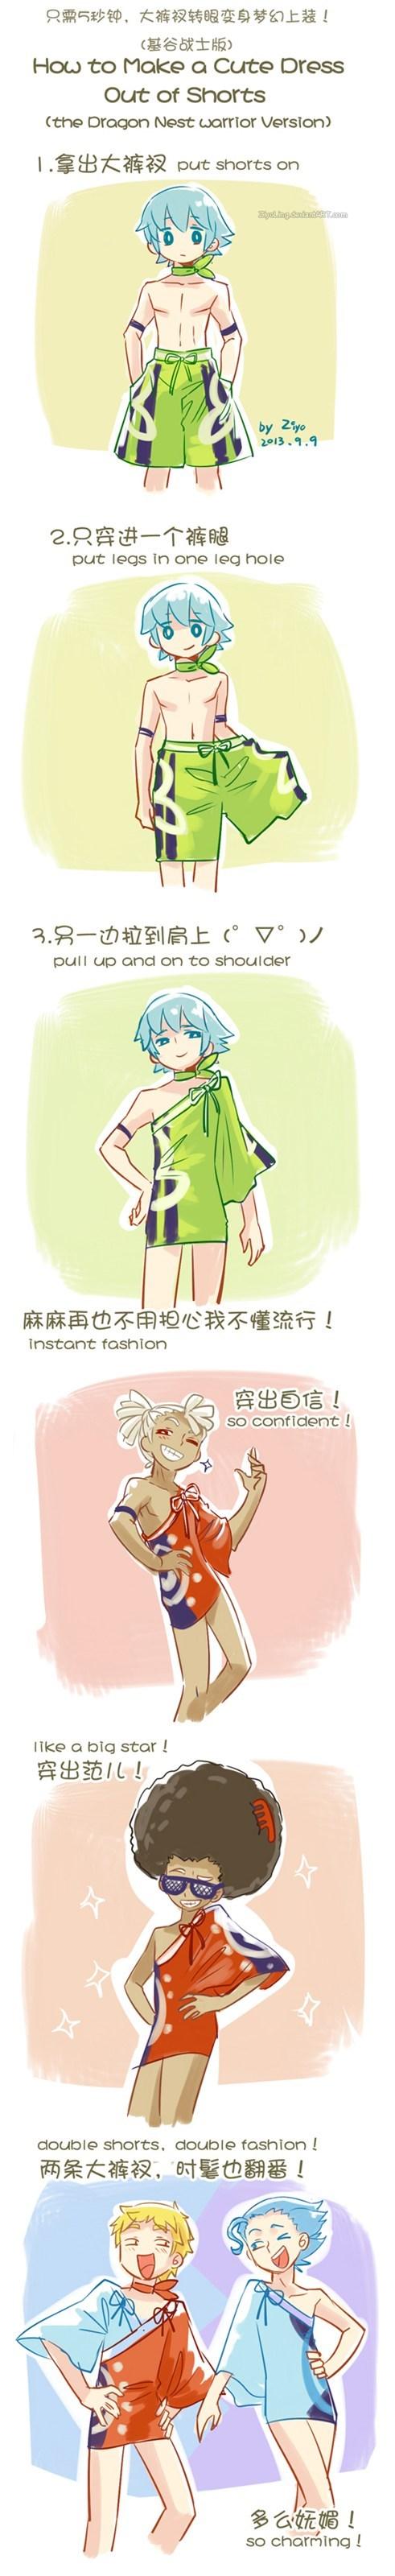 shorts anime DIY dress - 7797426688